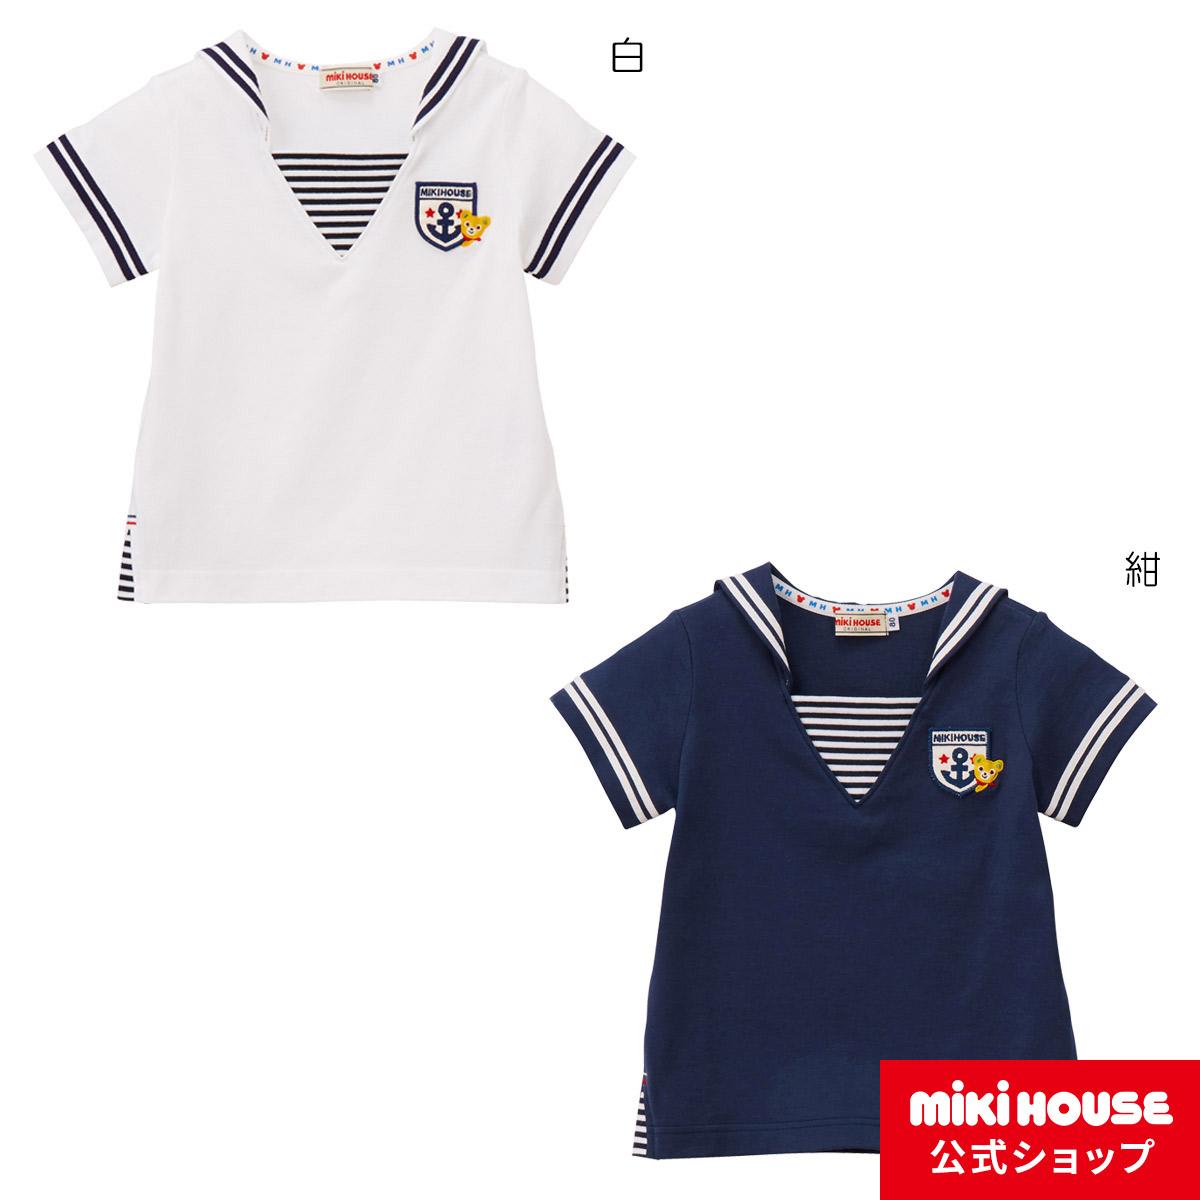 ミキハウス mikihouse セーラーカラー☆プッチー半袖Tシャツ(100cm・110cm) 男の子・女の子 半そで かわいい こども 子供服